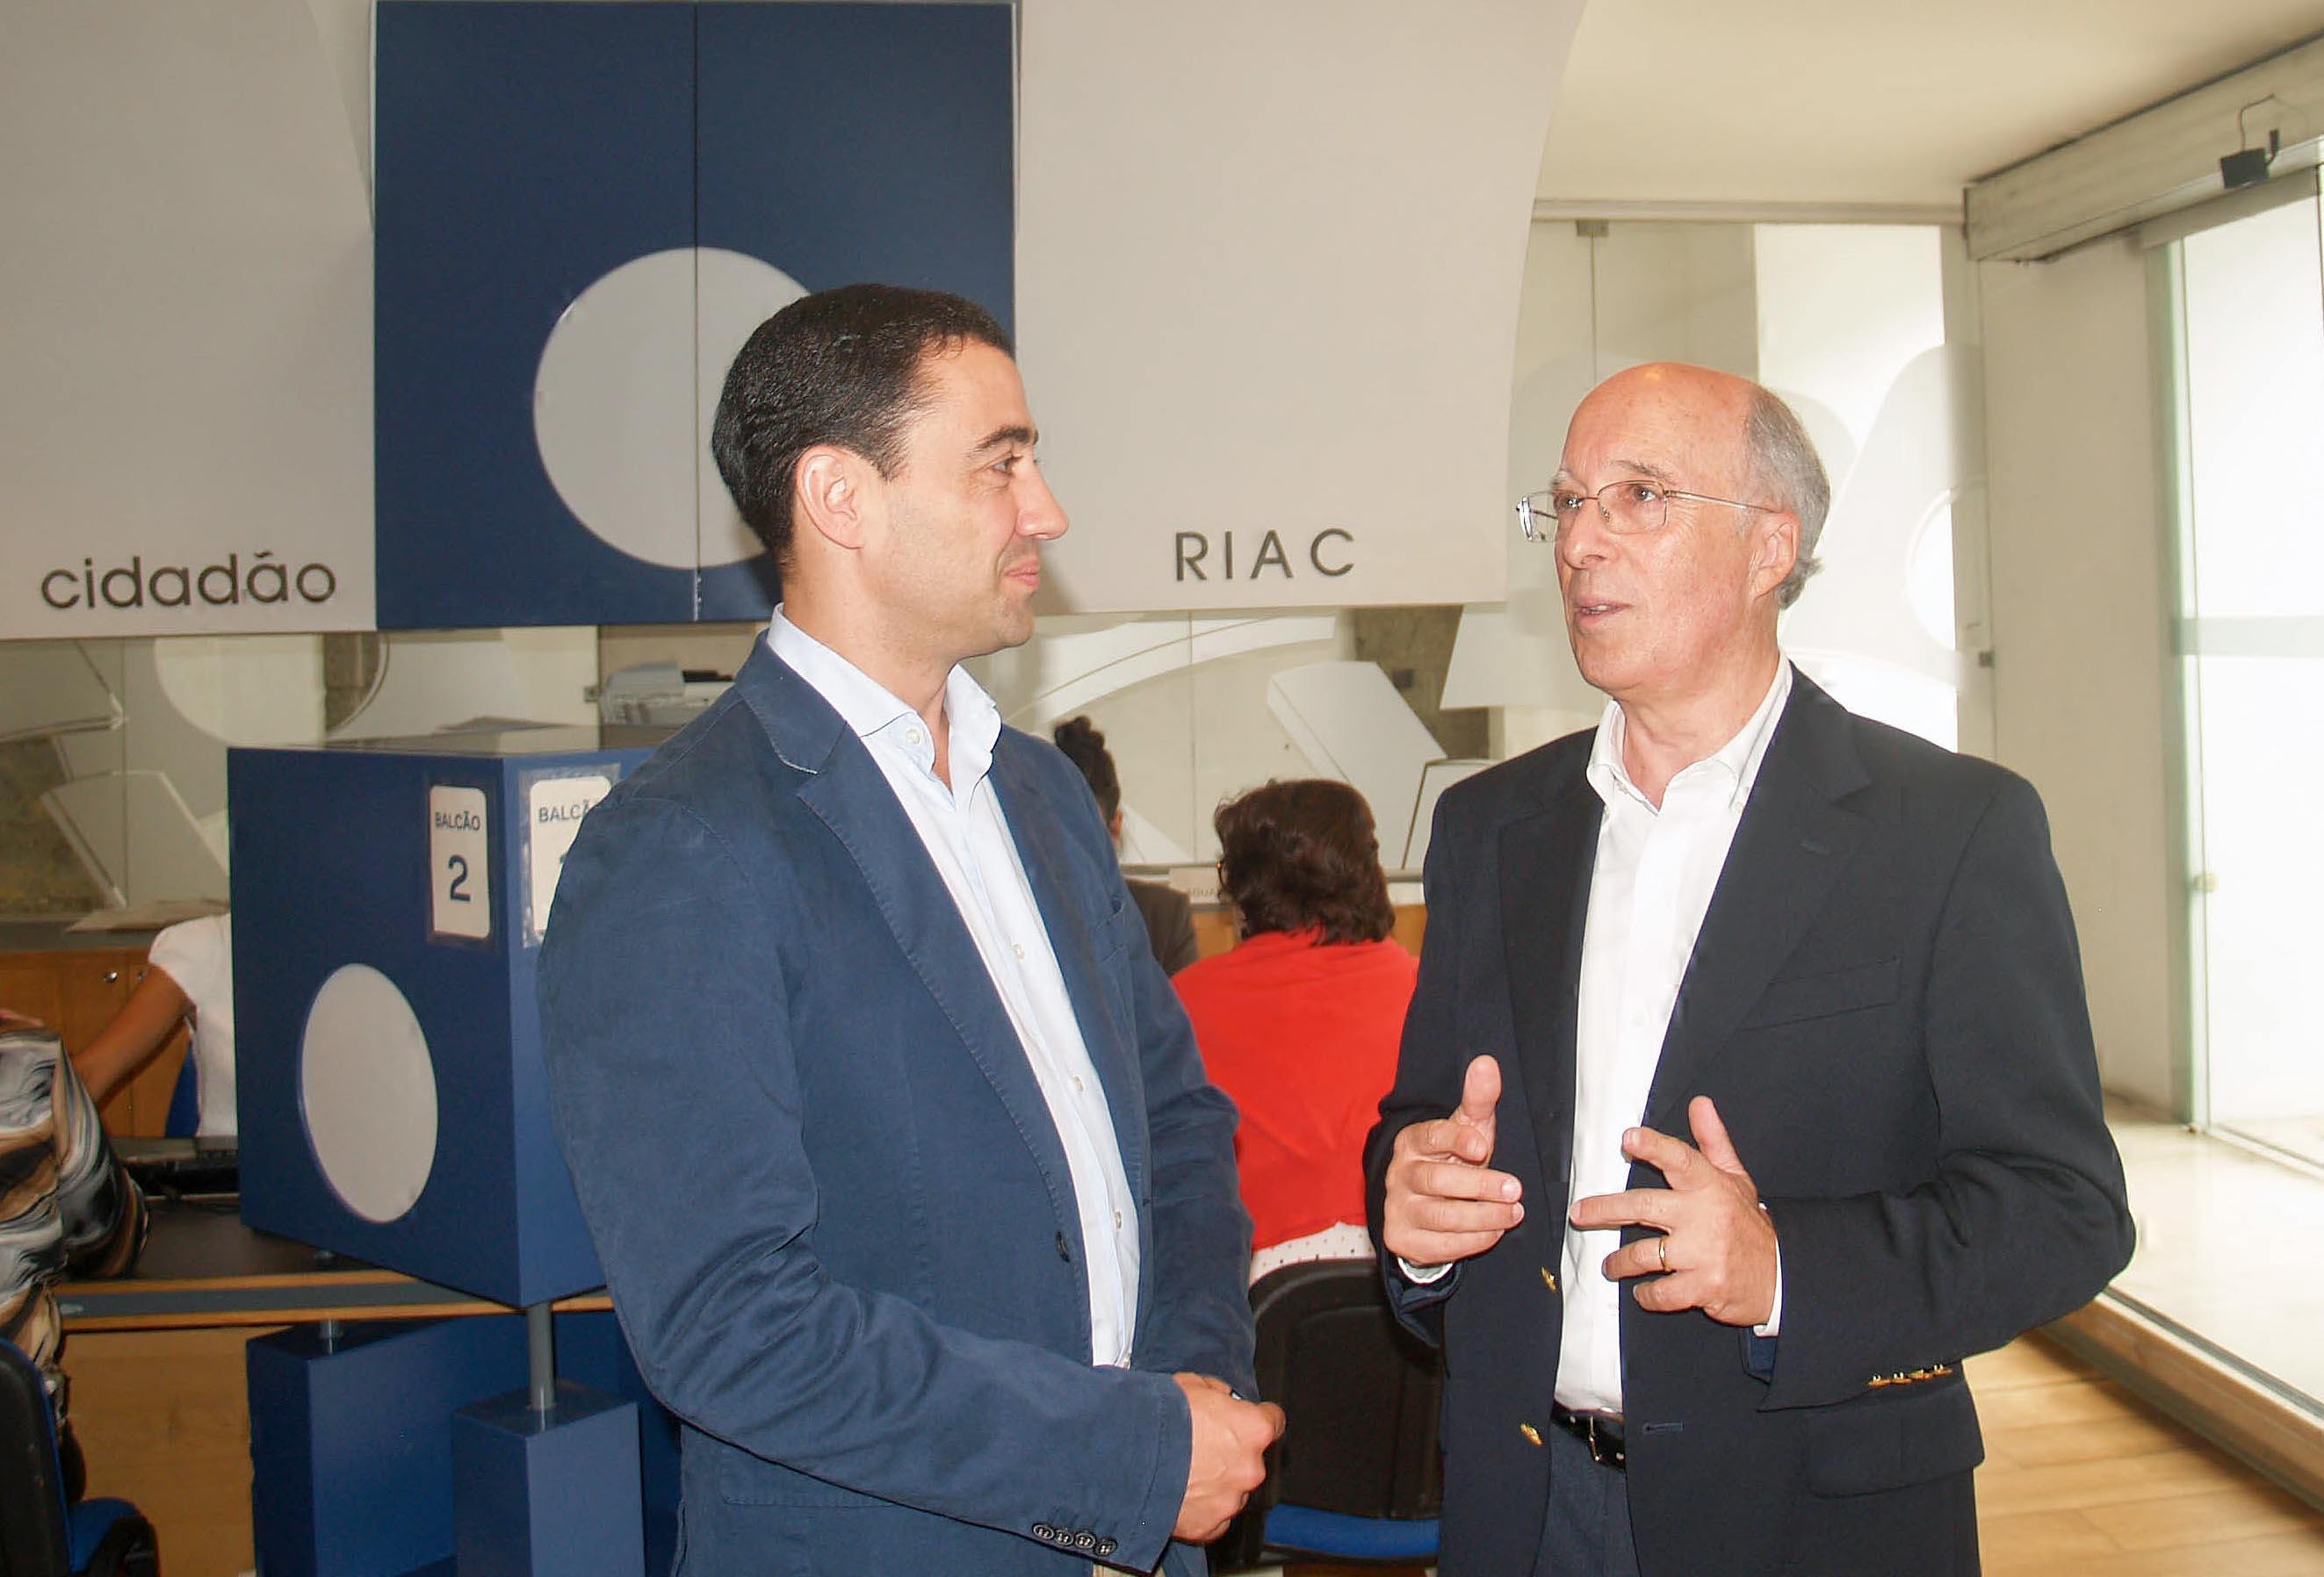 Governo dos Açores uniformiza informação eletrónica visando uma administração pública mais eficaz e transparente